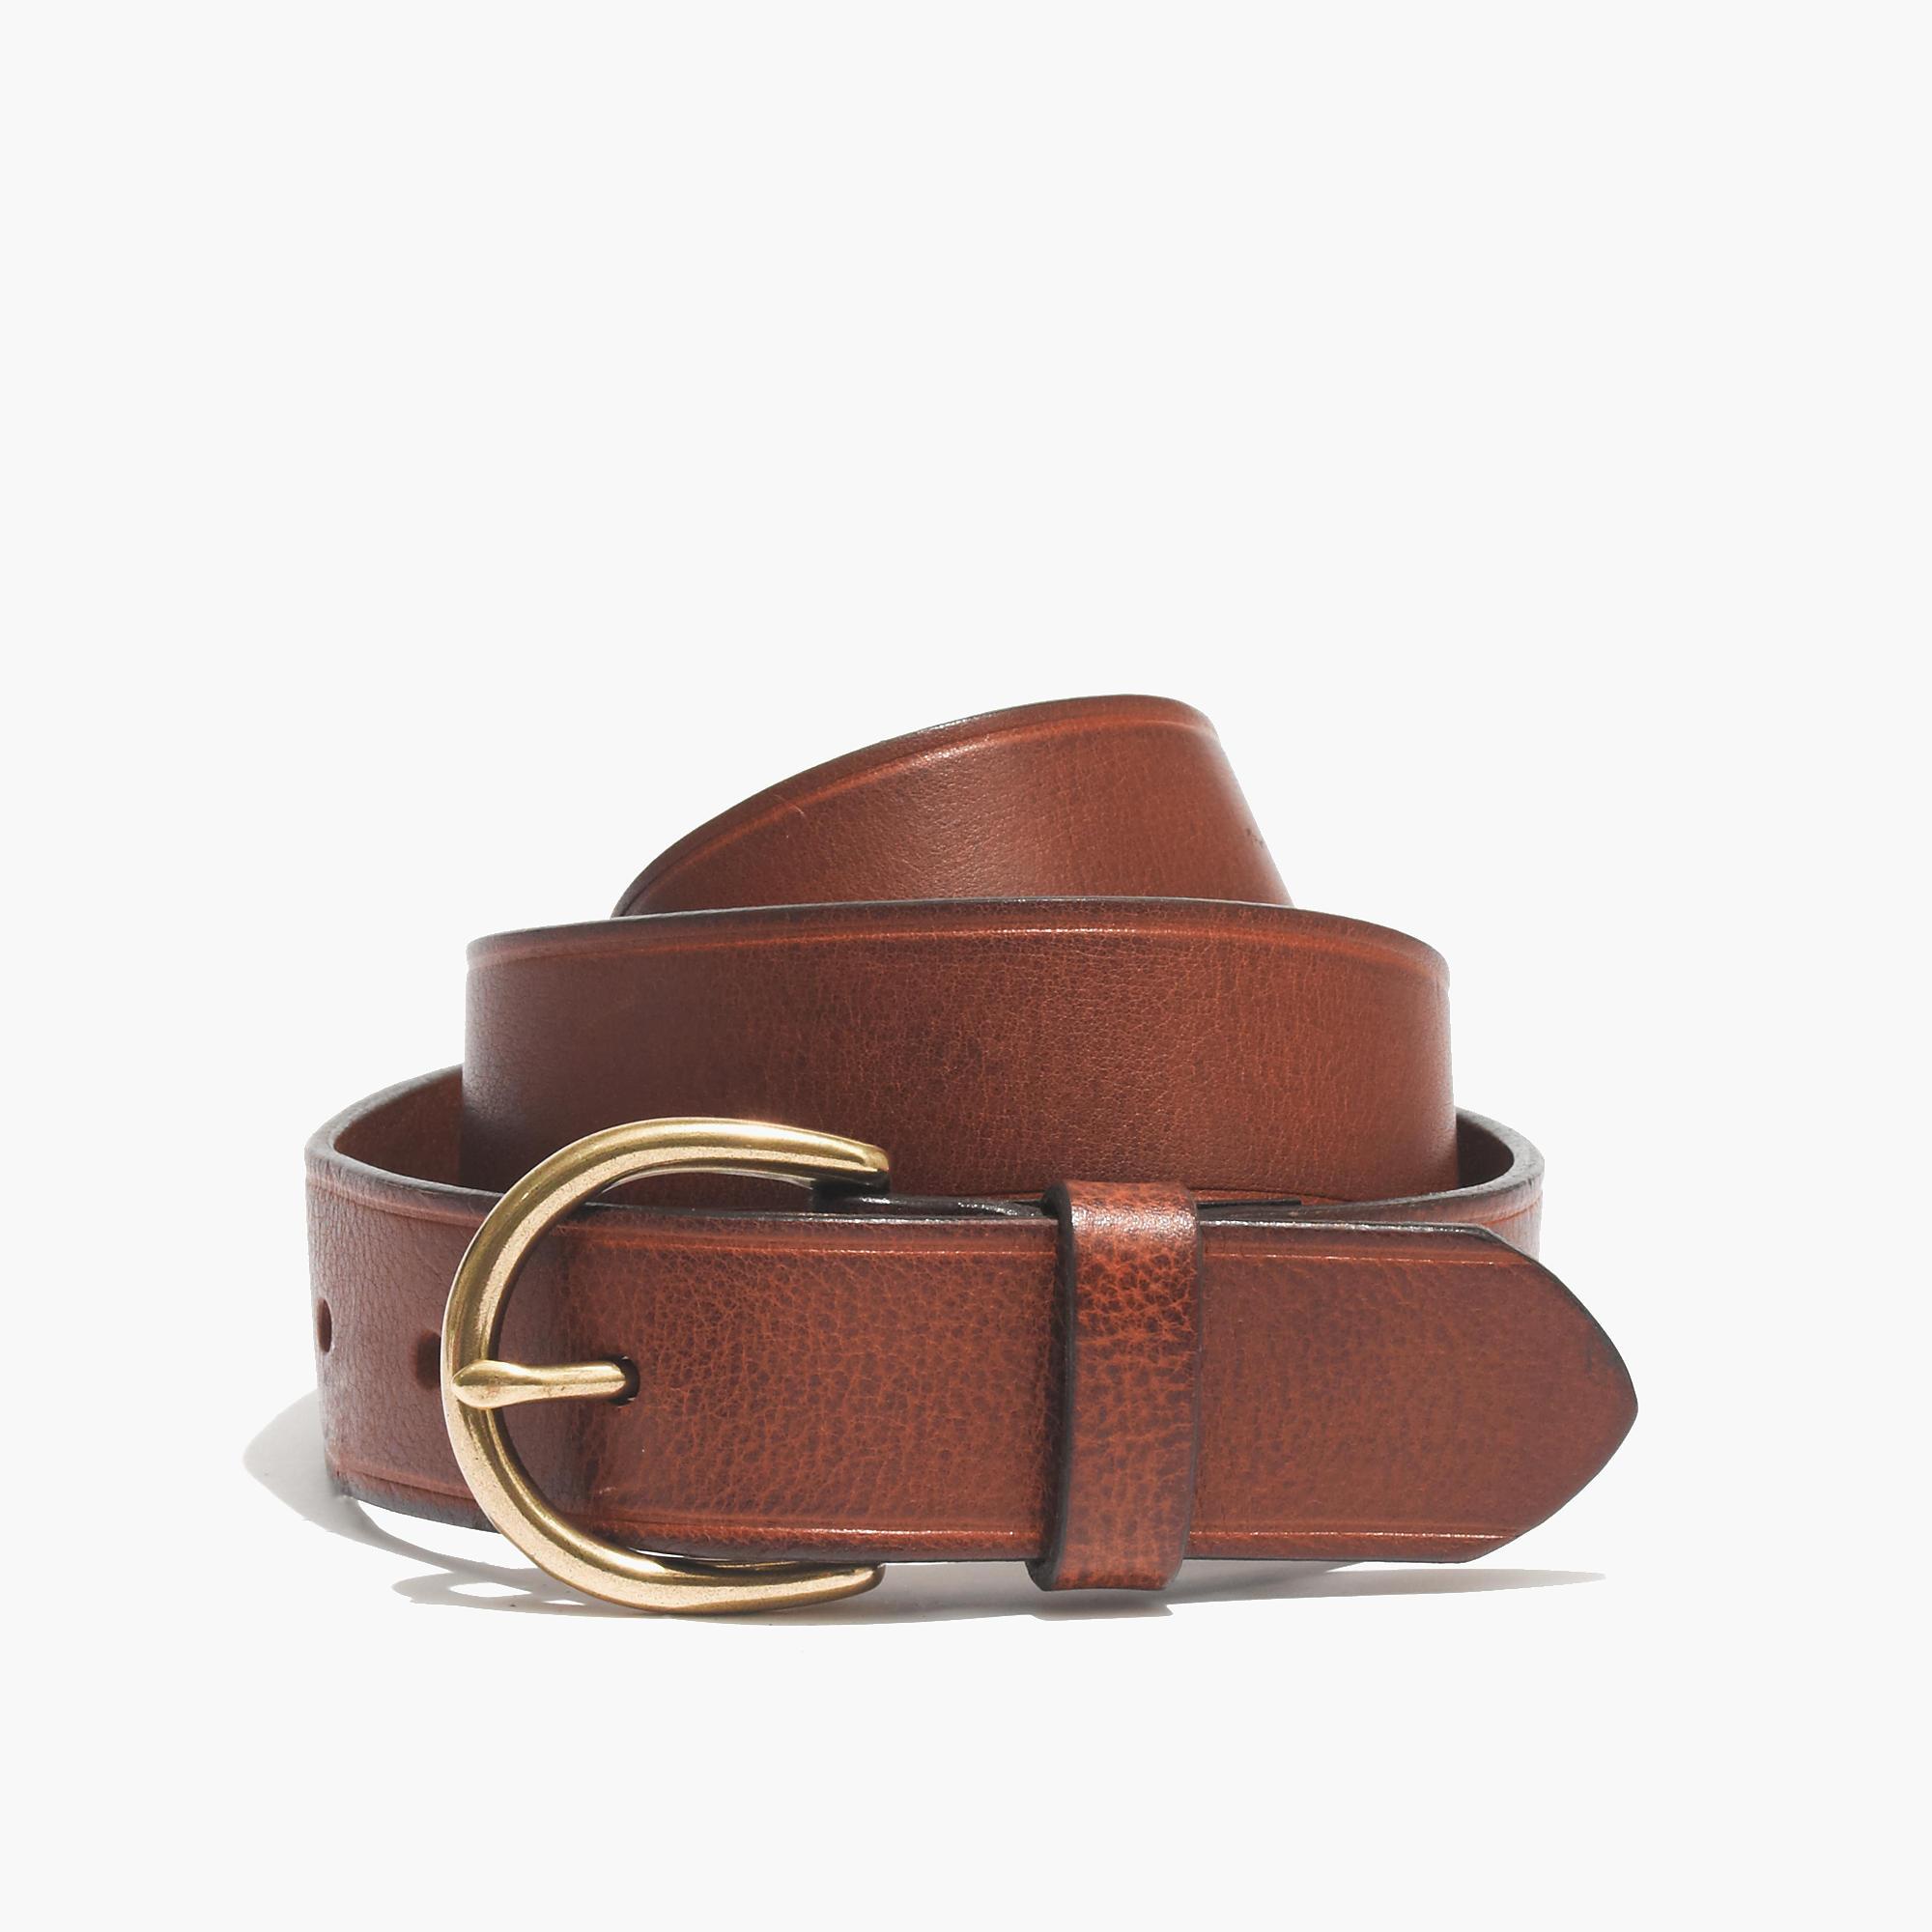 裸色在途特价!Madewell 正品 纯牛皮 4色 金属扣 腰带 皮带